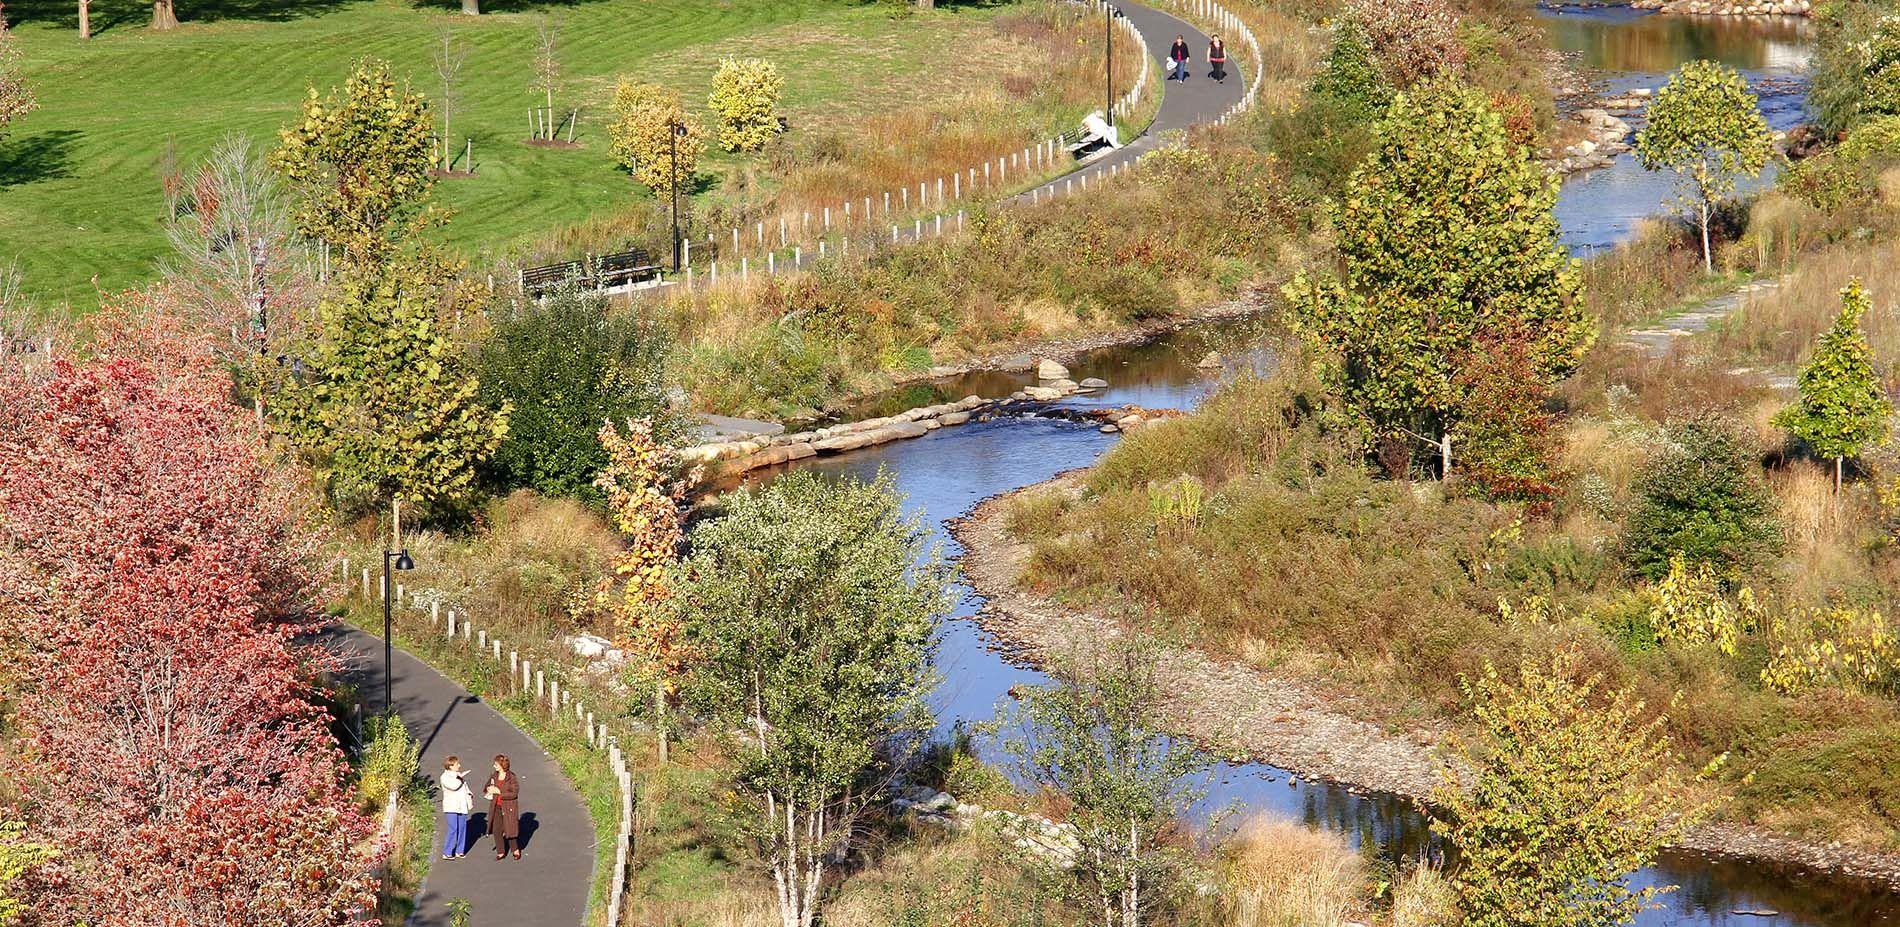 Riparian Corridor Mill River Restoration Stamford Ct Landscape Architecture Diagram River Park River